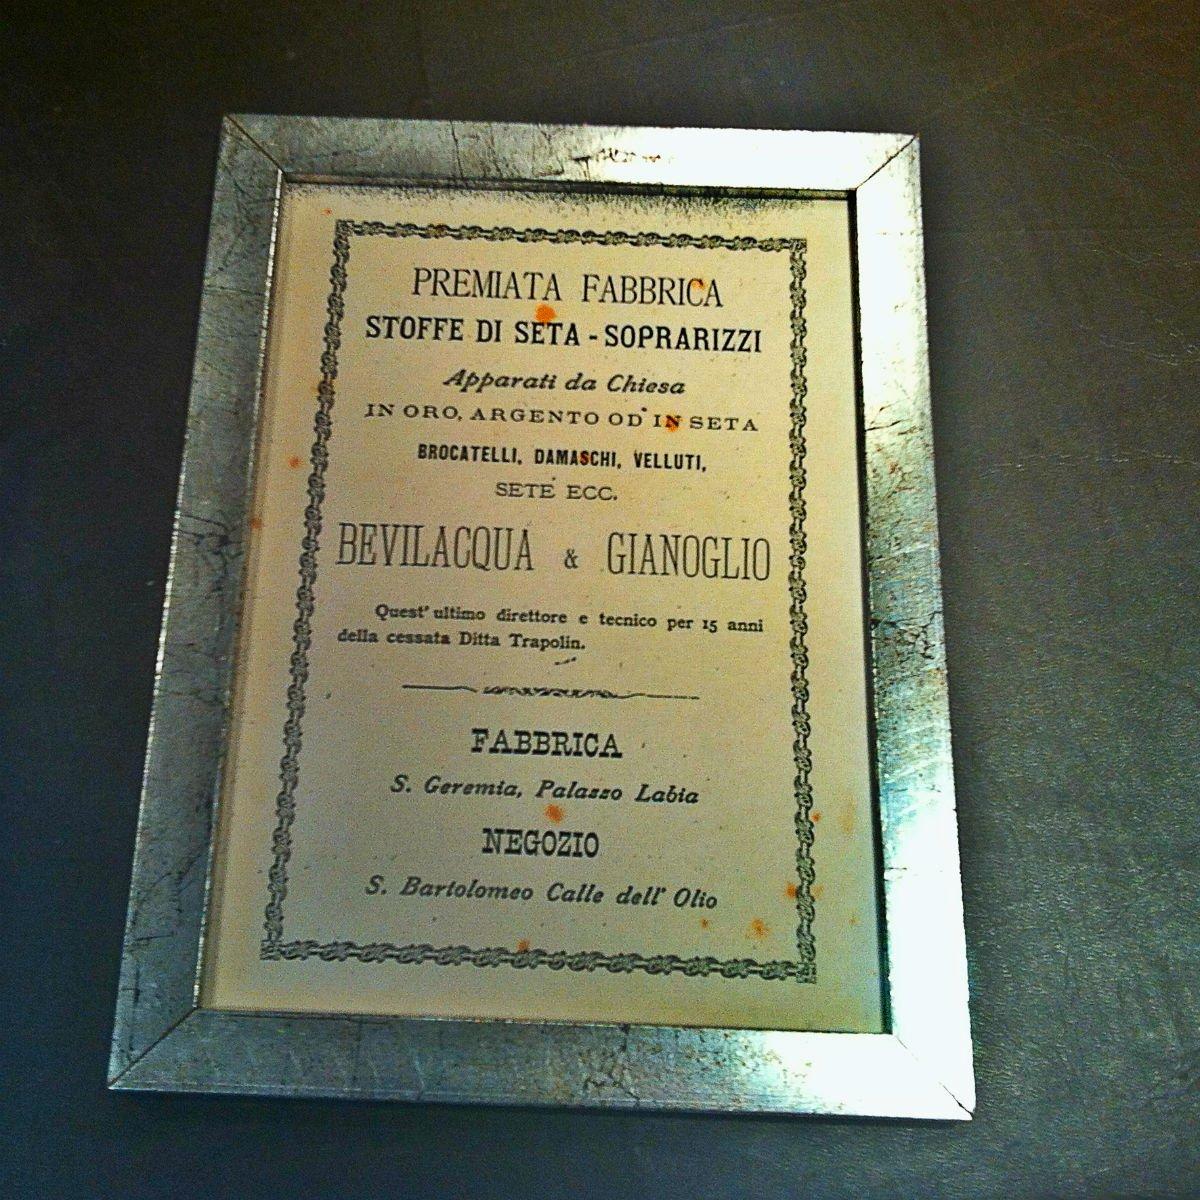 Bevilacqua silk production certificate